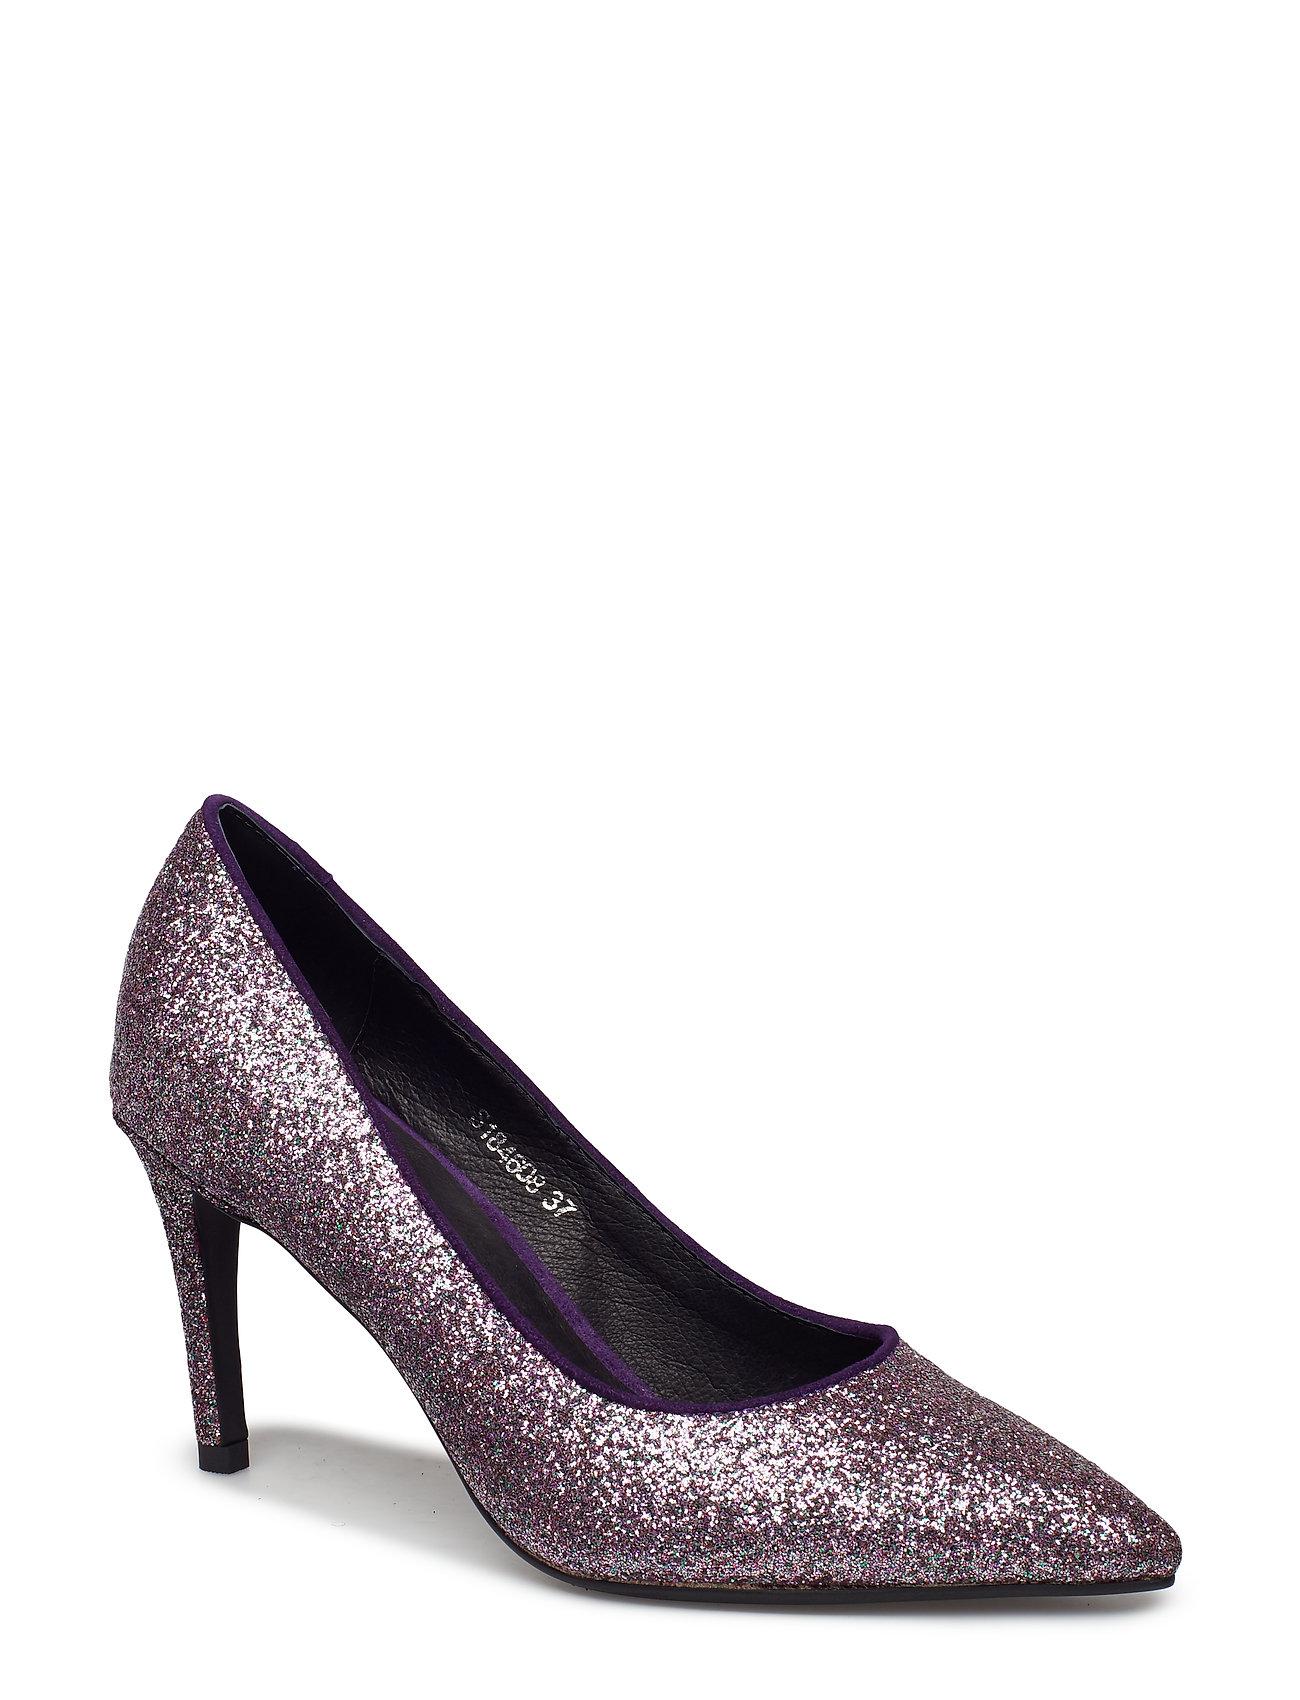 Sofie Schnoor Shoe high heel glitter